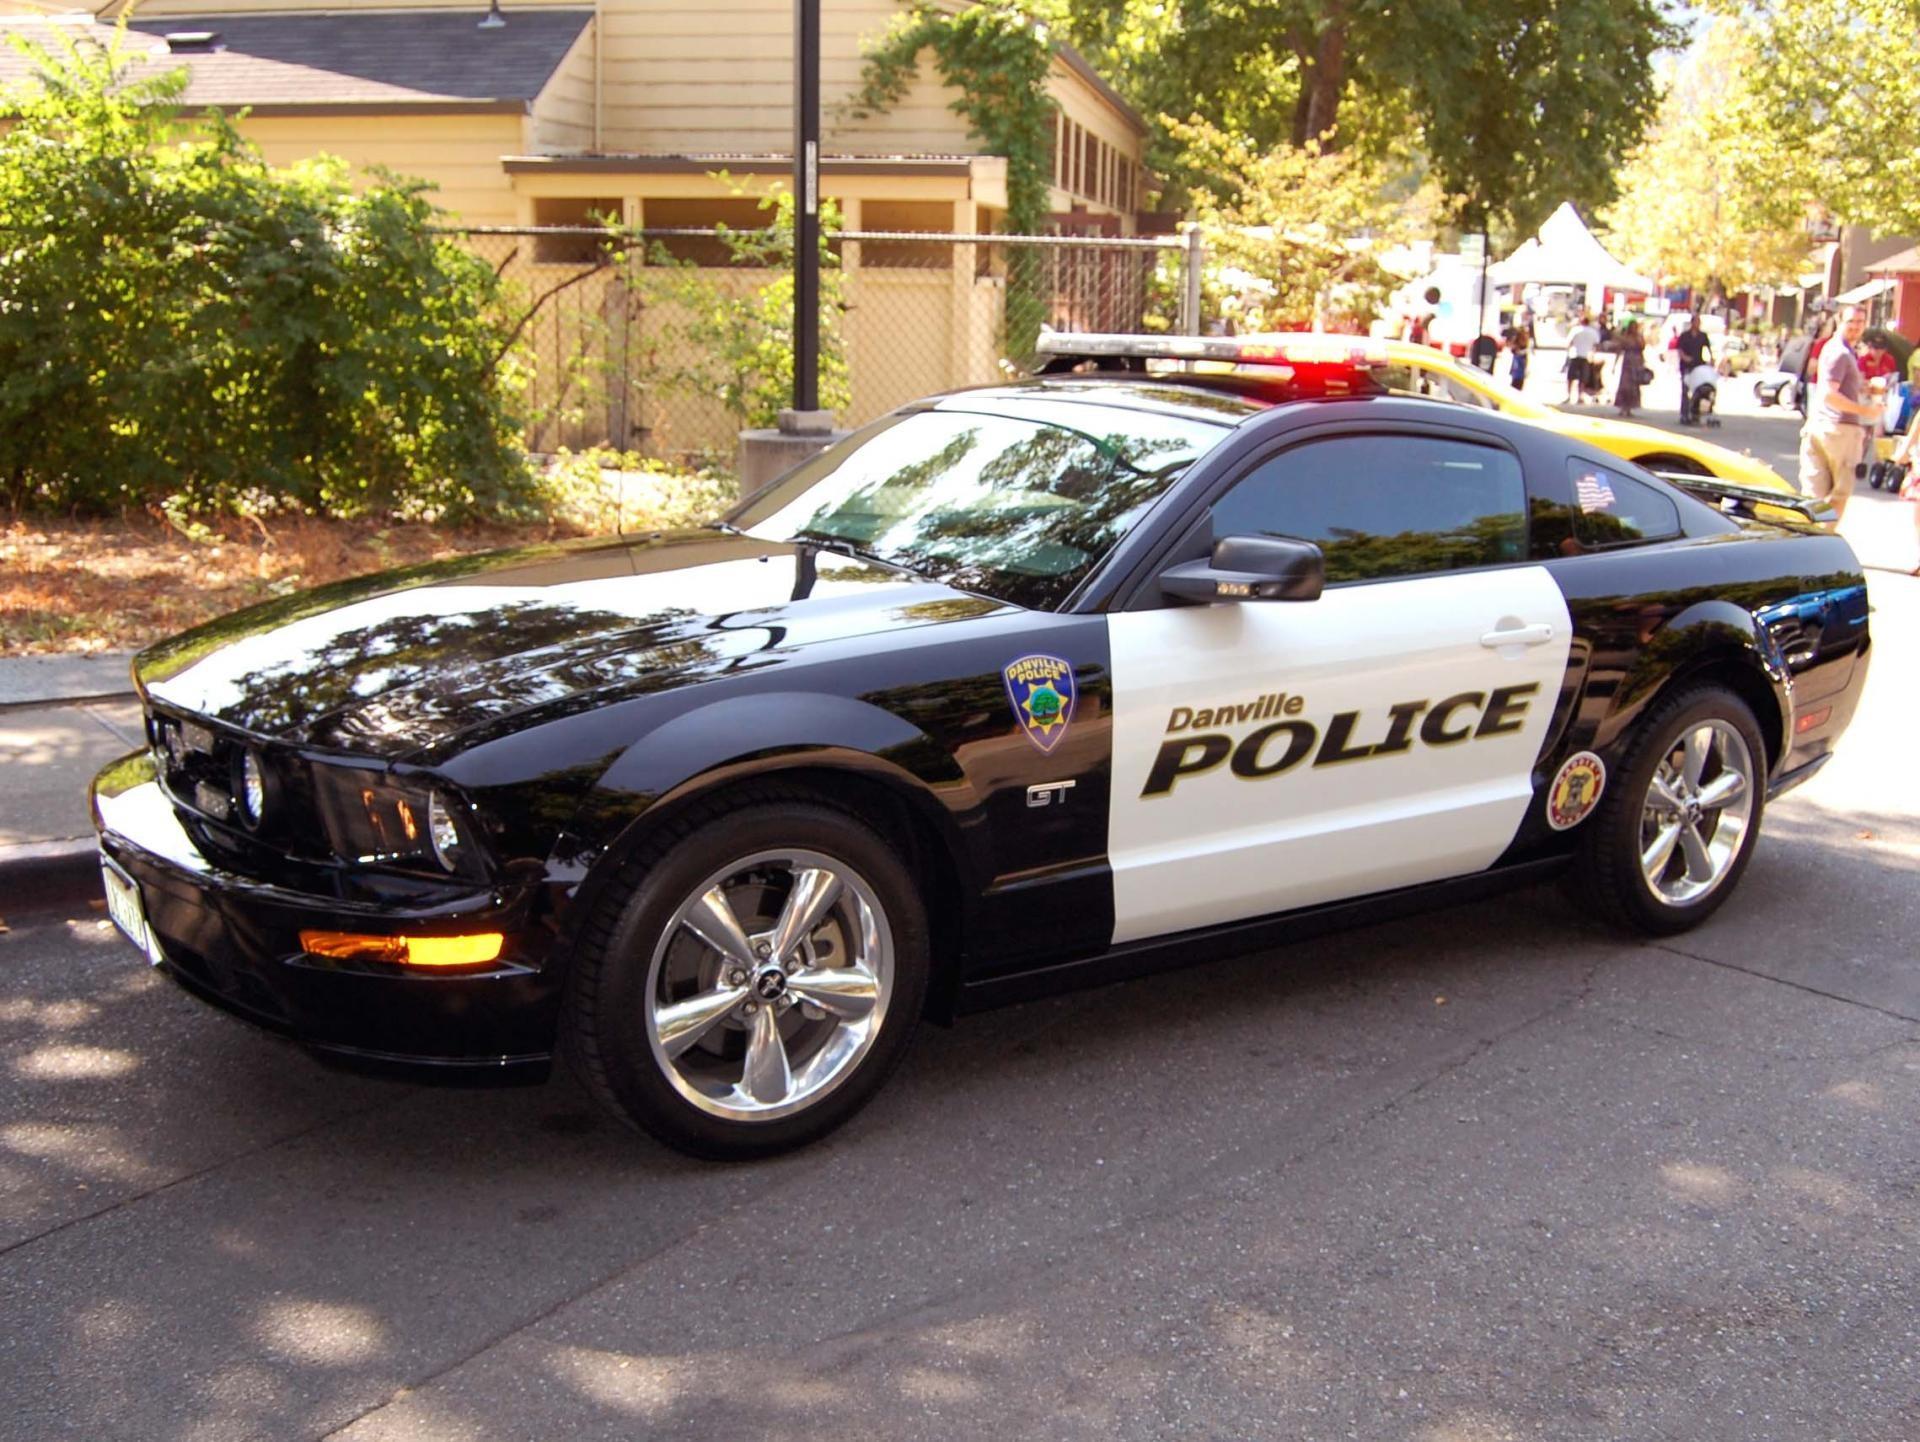 Серенький волчок: Форд Mustang превращен встража порядка